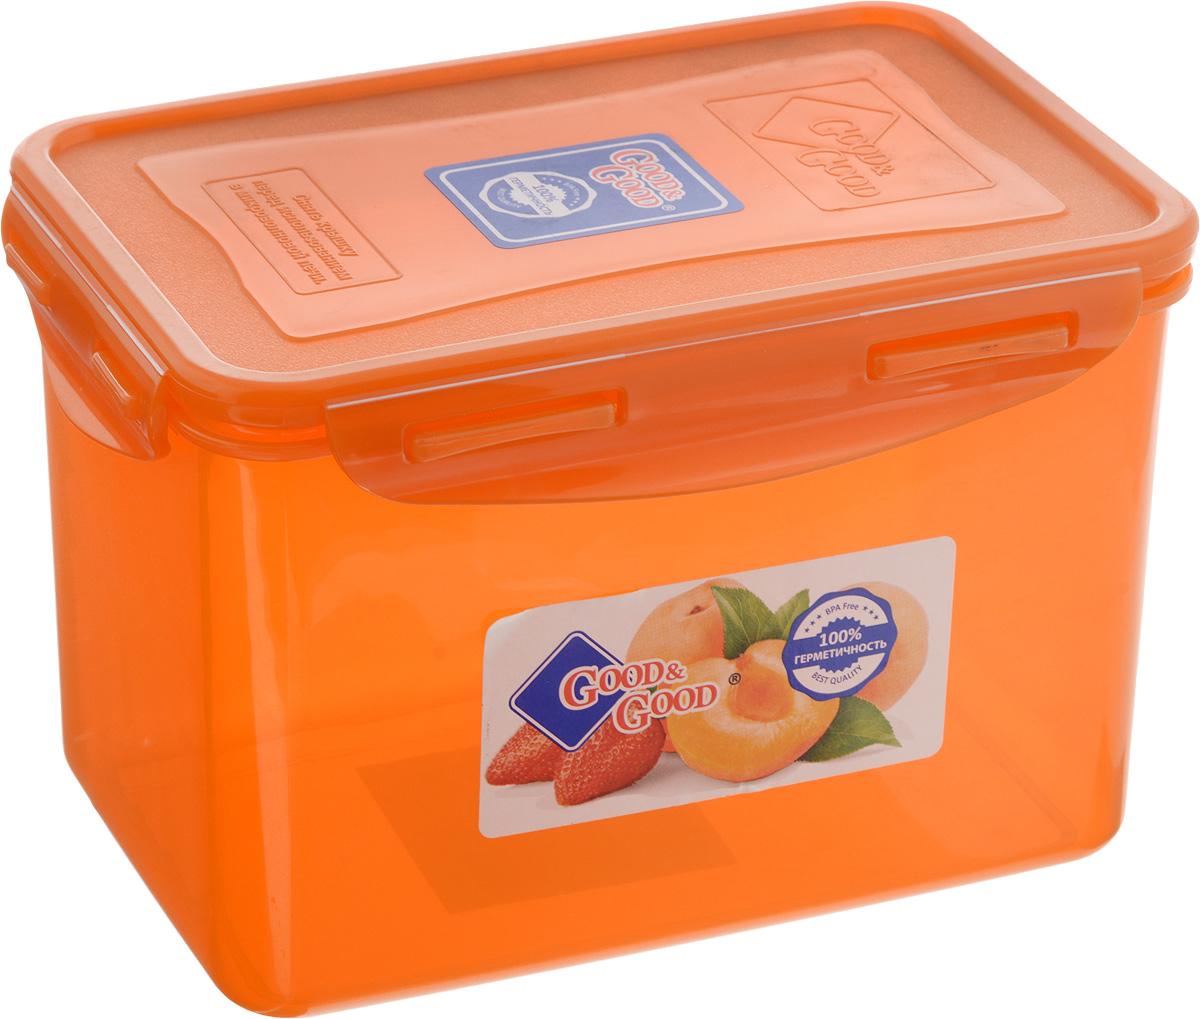 Контейнер для пищевых продуктов Good&Good, 2,2 лVT-1520(SR)Контейнер Good&Good, изготовленный из высококачественного полипропилена, предназначен для хранения любых пищевых продуктов. Крышка с силиконовой вставкой герметично защелкивается специальным механизмом. Изделие устойчиво к воздействию масел и жиров, легко моется. Полупрозрачные стенки позволяют видеть содержимое. Контейнер имеет возможность хранения продуктов глубокой заморозки, обладает высокой прочностью. Контейнер Good&Good удобен для ежедневного использования в быту.Можно мыть в посудомоечной машине и использовать в холодильнике и микроволновой печи.Размер контейнера (с учетом крышки): 13,5 х 20 х 13 см.